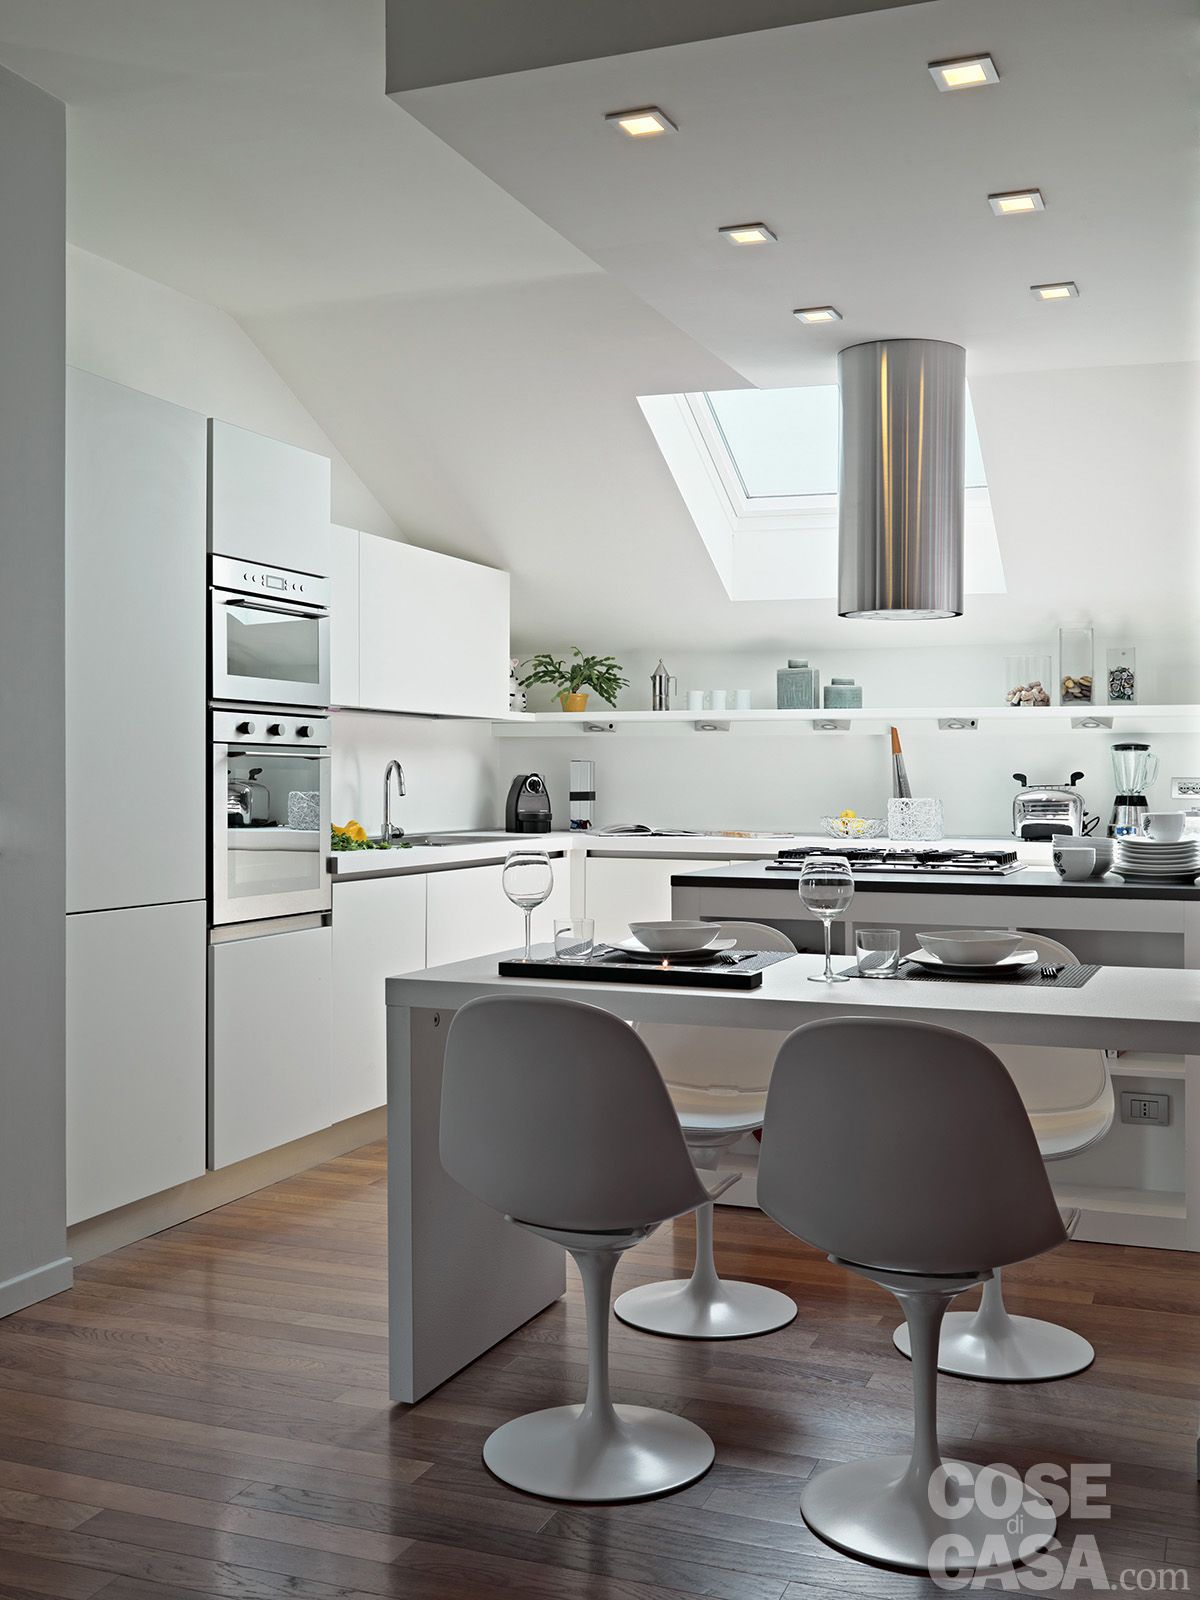 Colore Pareti Cucina Bianca E Grigia ~ Trova le Migliori idee per Mobili e Interni di Design